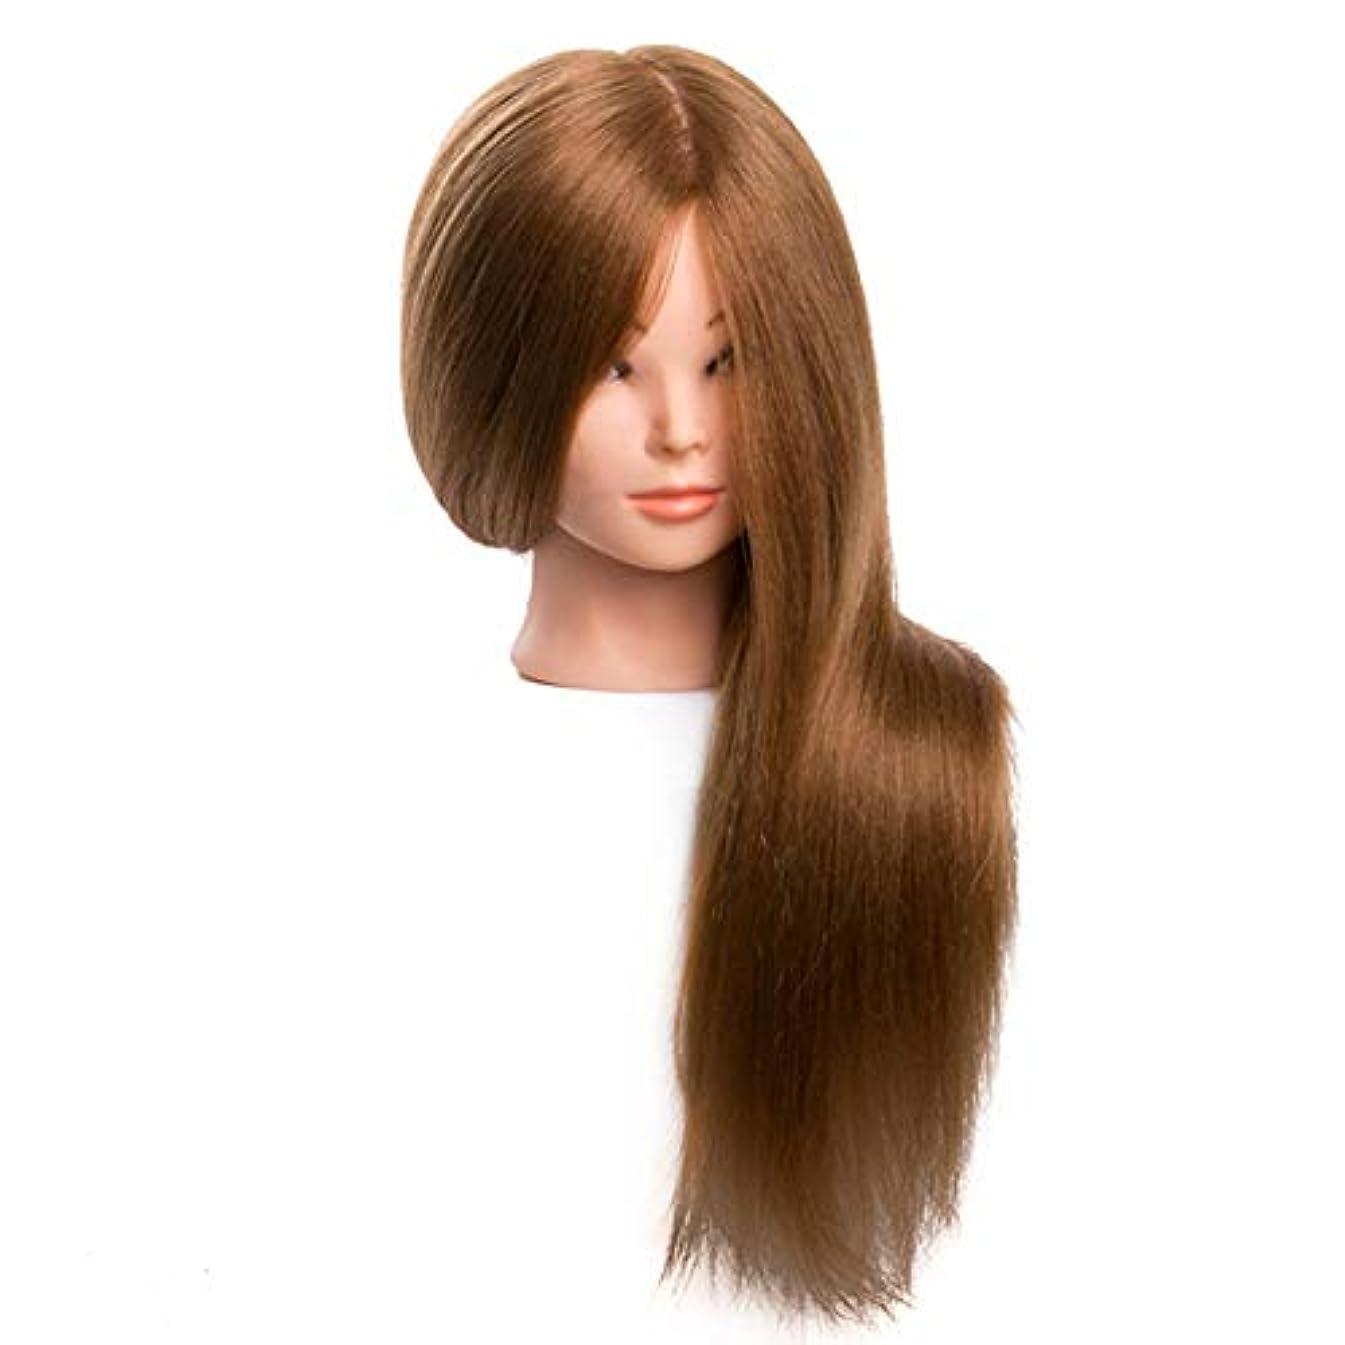 スキップ適応的風景サロンエクササイズヘッド金型メイクディスクヘアスタイリング編組ティーチングダミーヘッド理髪ヘアカットトレーニングかつら3個